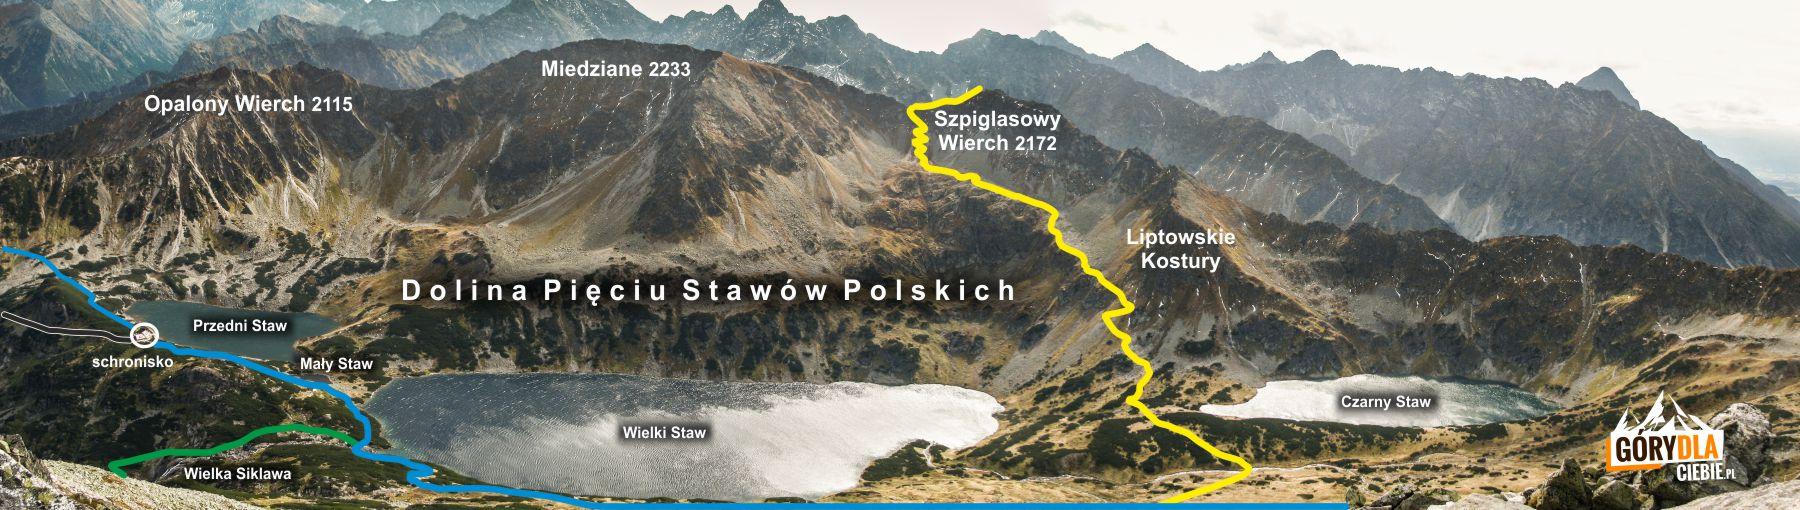 Szpiglasowa Przełęcz - schemat szlakow